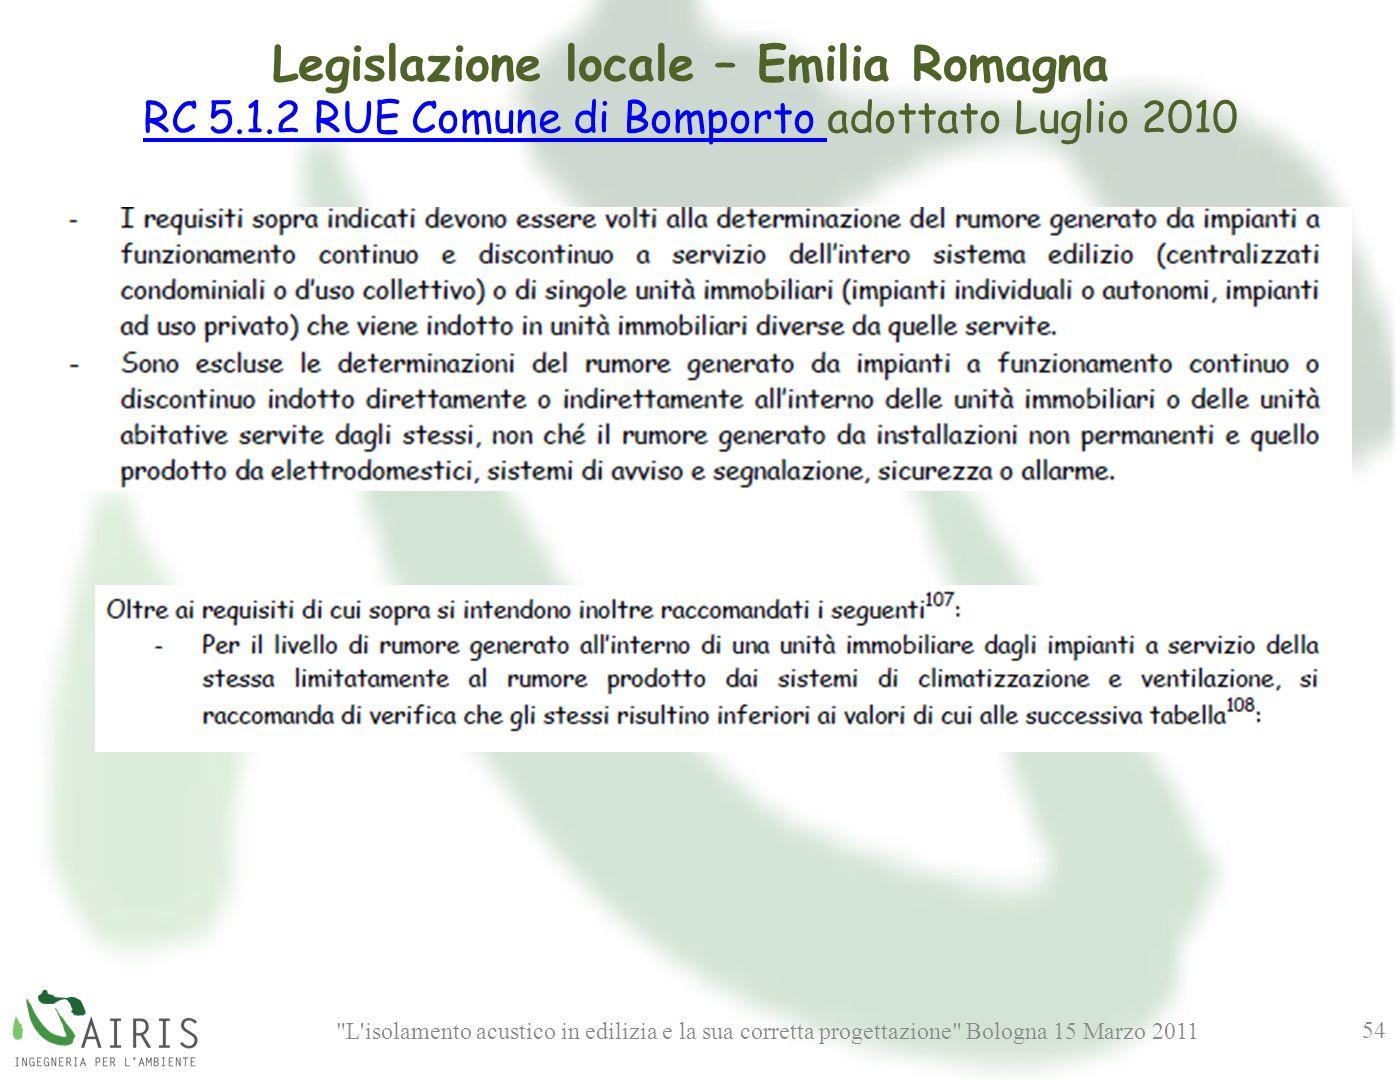 L isolamento acustico in edilizia e la sua corretta progettazione Bologna 15 Marzo 2011 54 Legislazione locale – Emilia Romagna RC 5.1.2 RUE Comune di Bomporto RC 5.1.2 RUE Comune di Bomporto adottato Luglio 2010